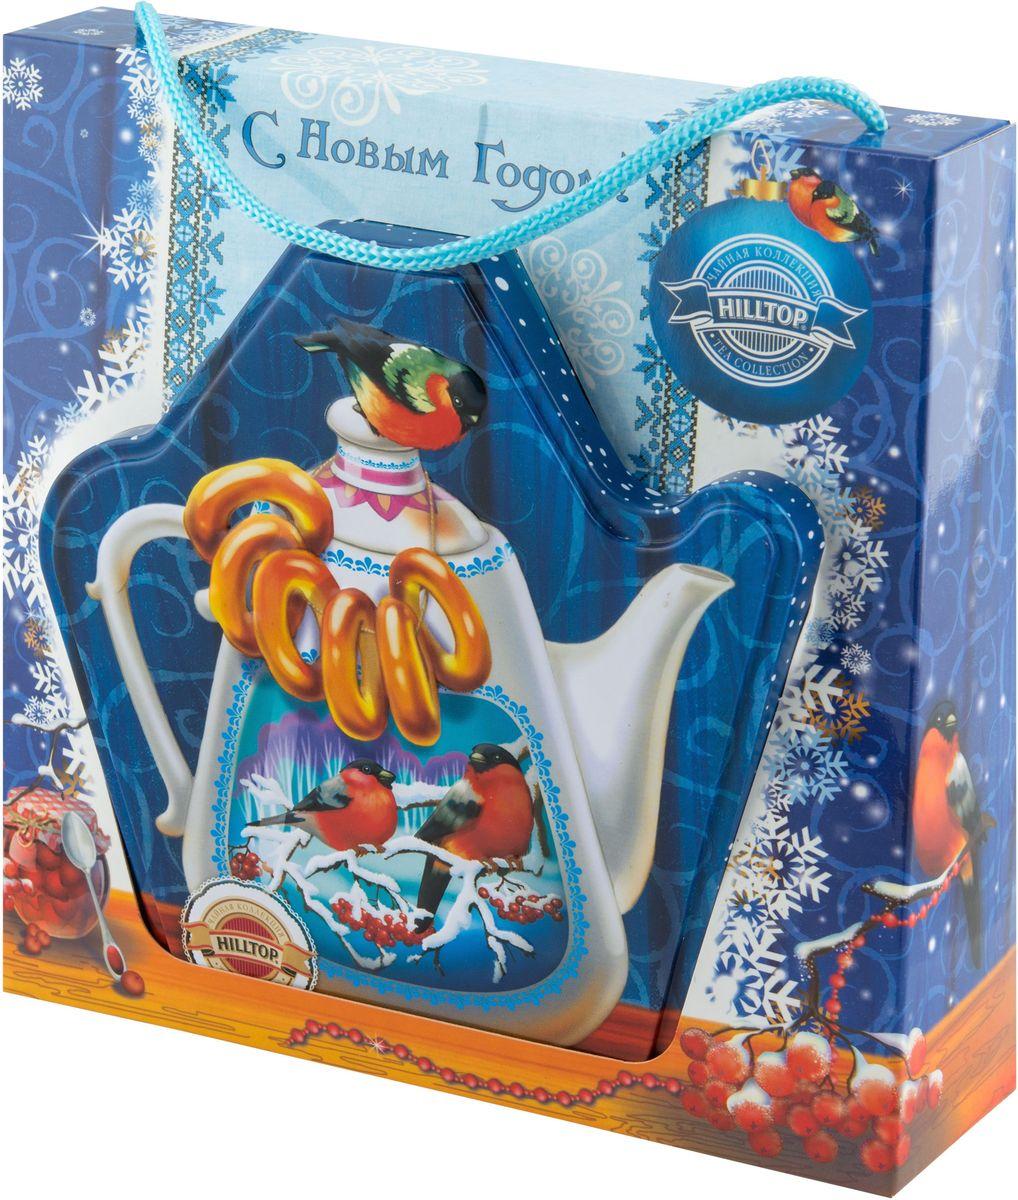 Hilltop Королевское золото. Чайник с баранками чай черный листовой, 80 г4607099307650Черный листовой чай Hilltop Королевское золото. Чайник с баранками станет замечательным подарком и прекрасно подойдет для яркого новогоднего чаепития. На оригинальной подарочной упаковке изображен красивый чайник с баранками, обрамленный морозным узором.